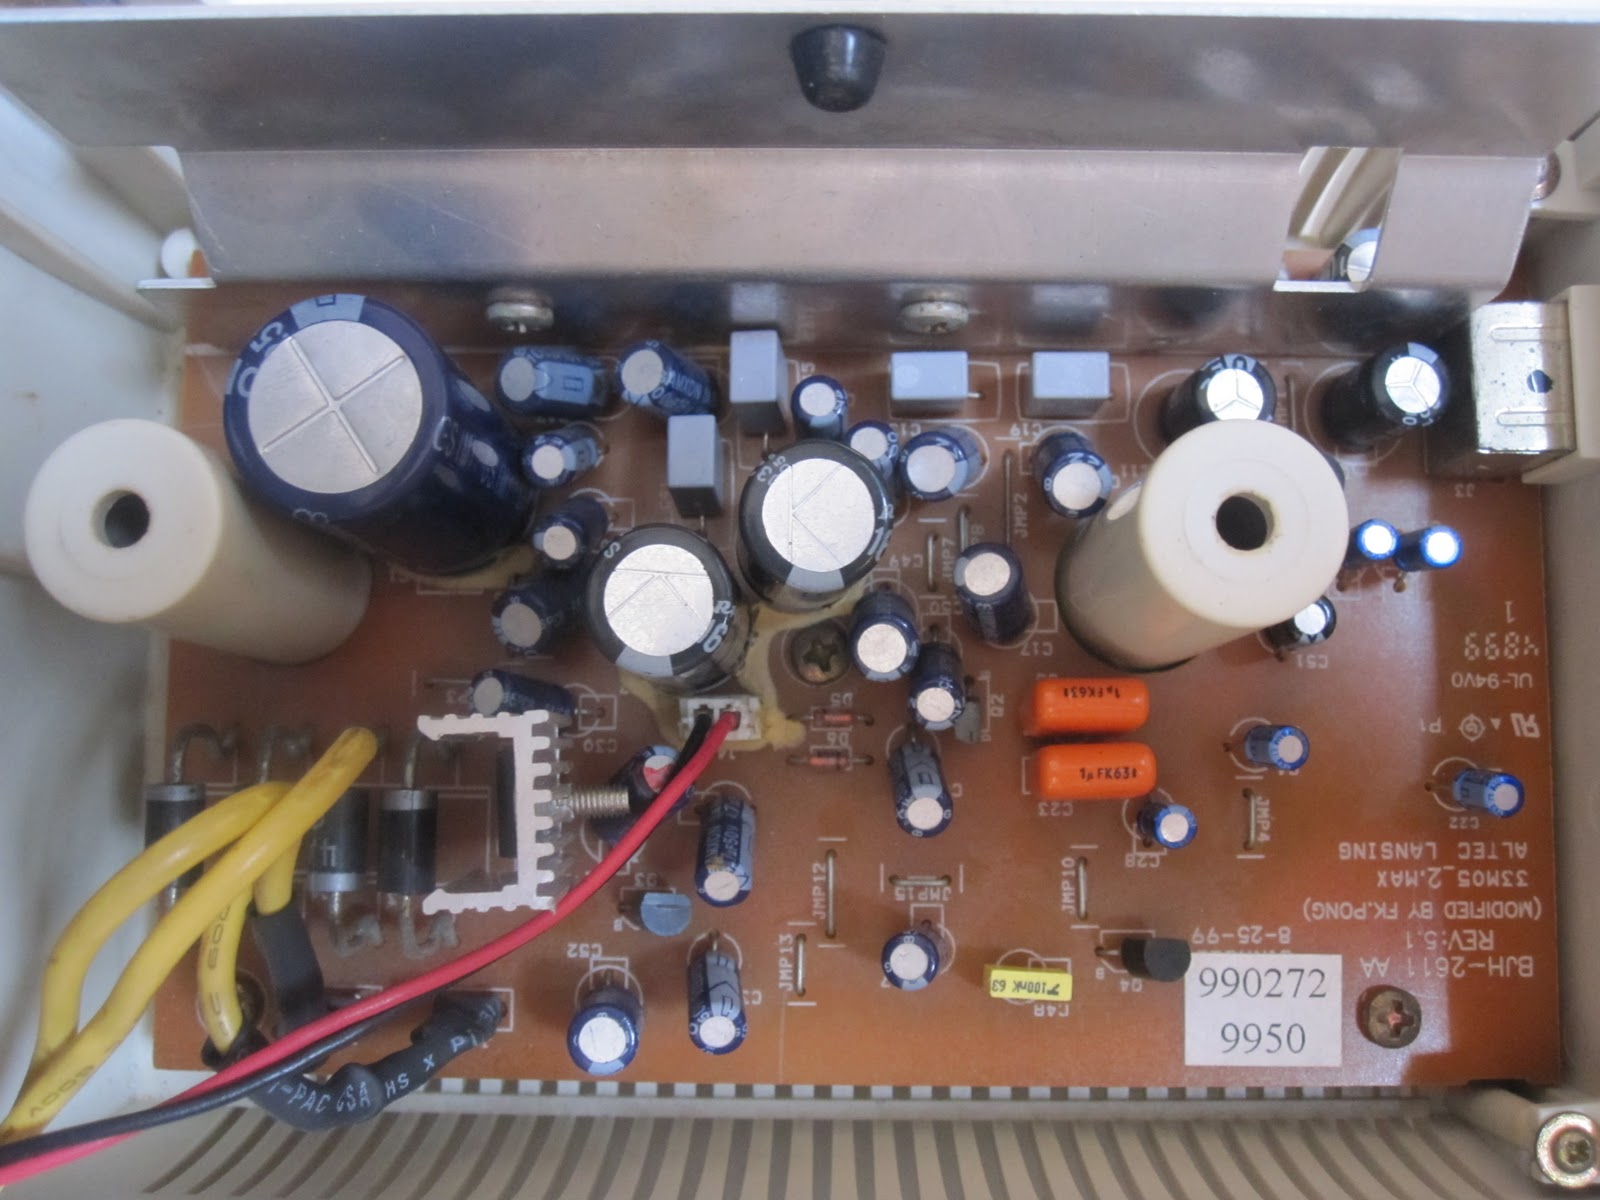 altec lansing 7 wiring diagram pinout wiring library kenwood wiring diagram altec wiring diagram [ 1600 x 1200 Pixel ]